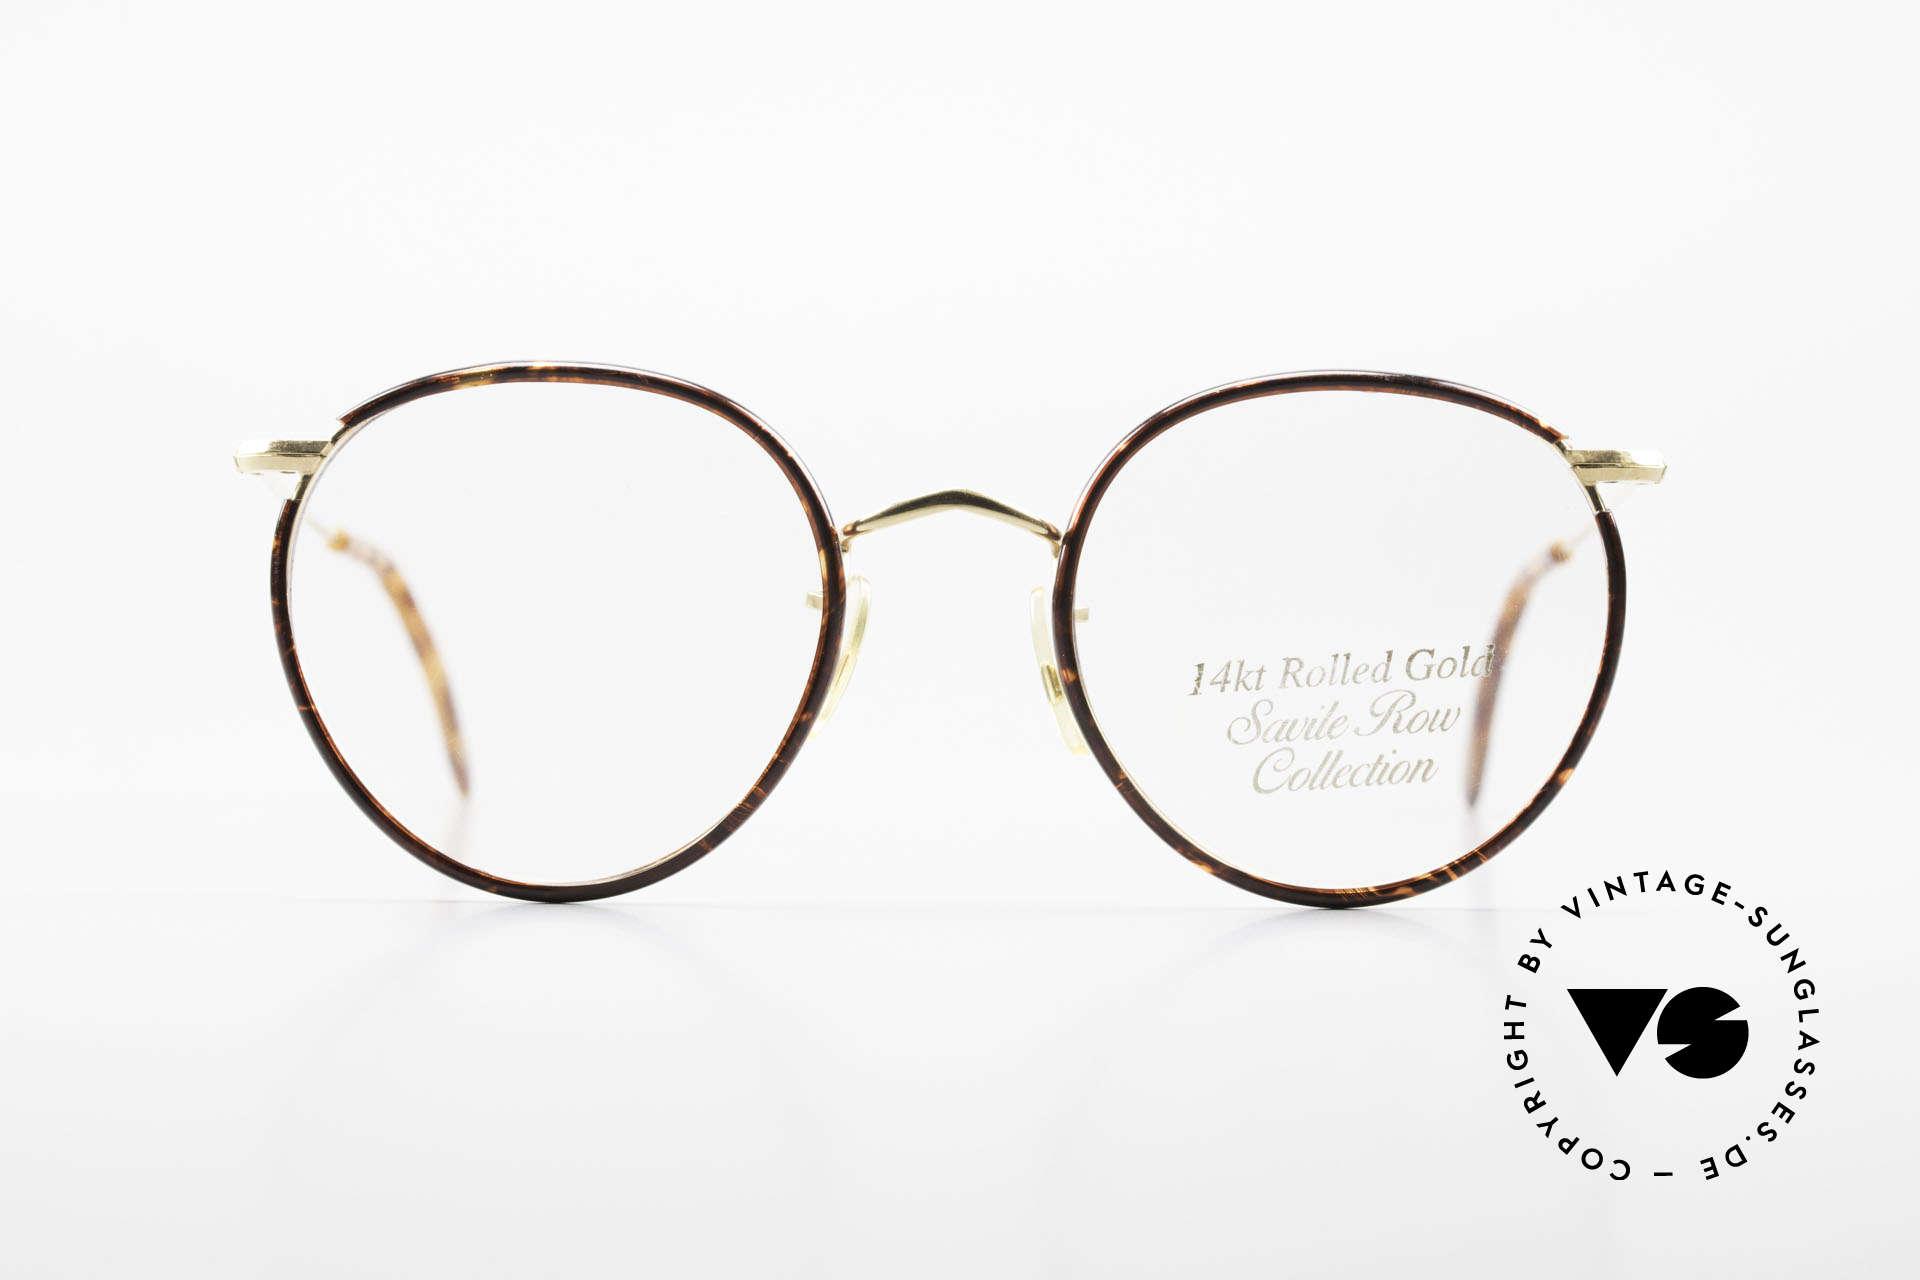 Savile Row Panto 49/20 Johnny Depp Brille Panto, klassisch runde vintage Panto-Brille aus den 80ern, Passend für Herren